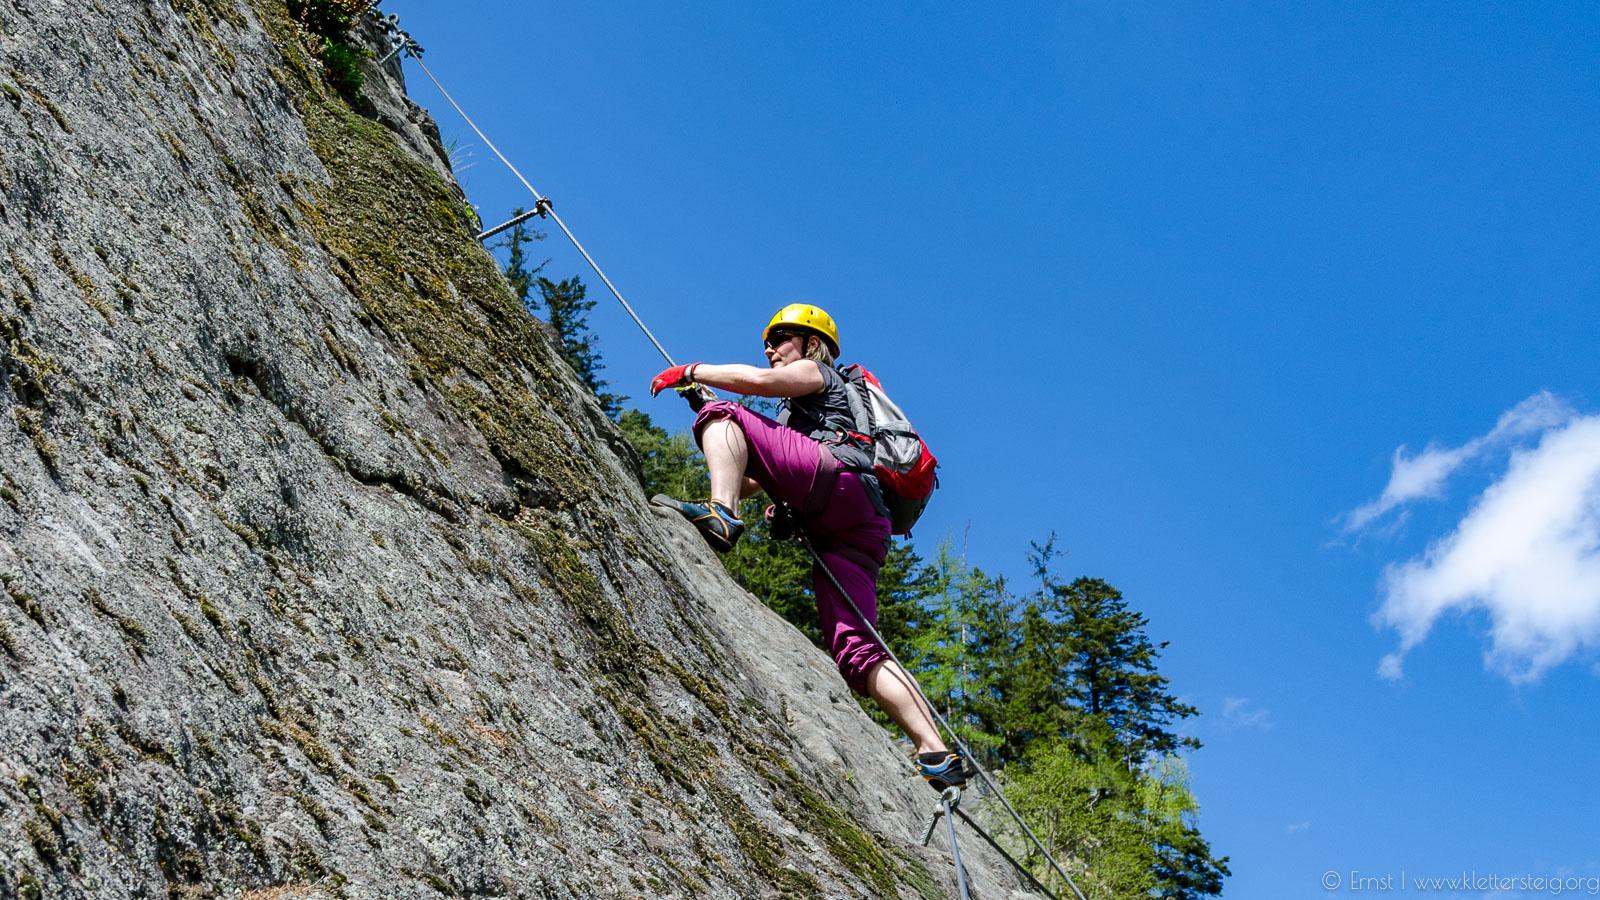 Klettersteig In English : Klettersteig für sportliche einsteiger